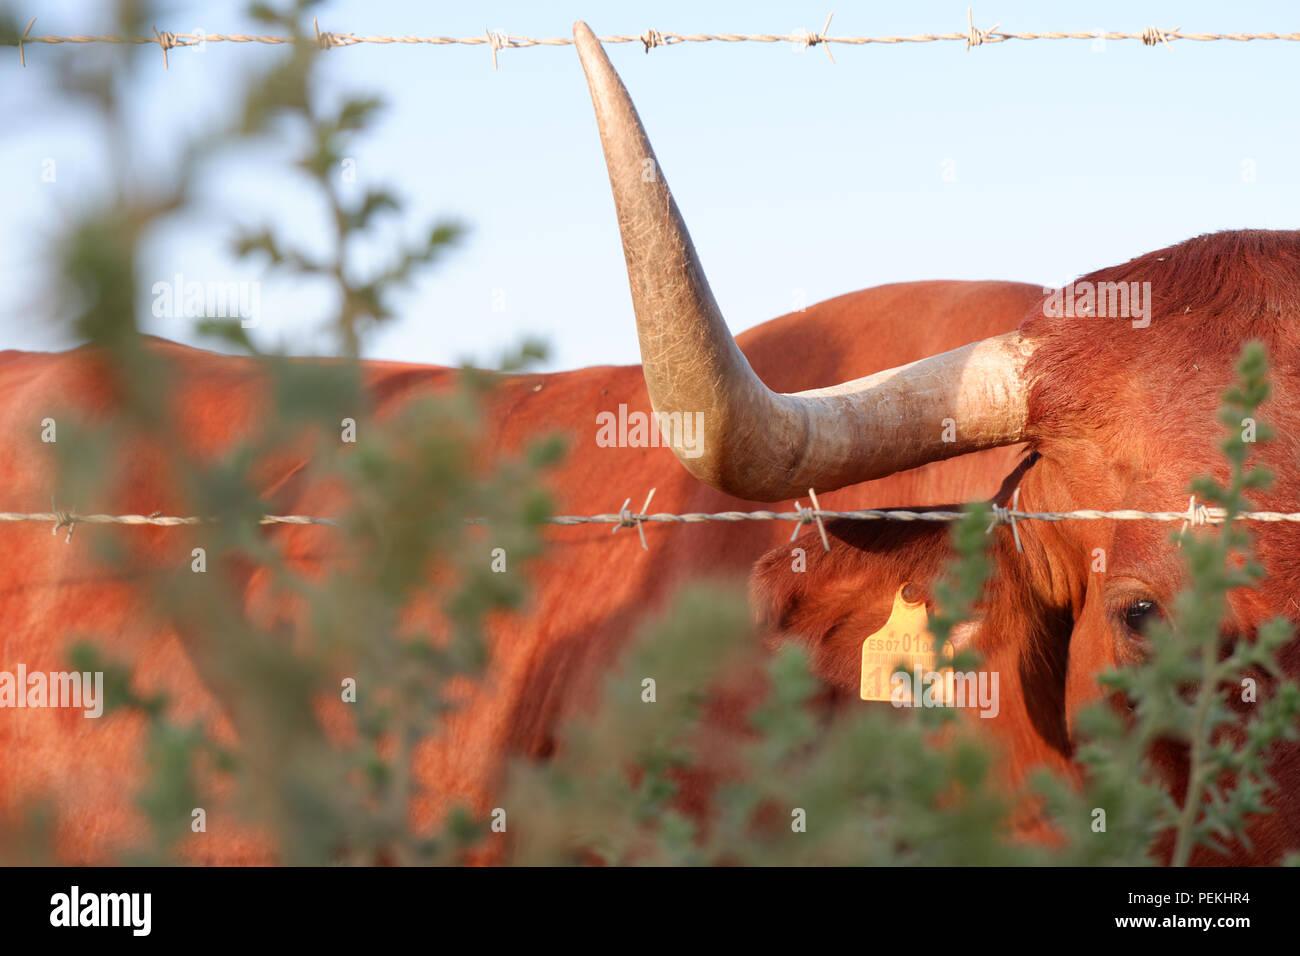 Cow, Conil de la Frontera, Andalucía. - Stock Image